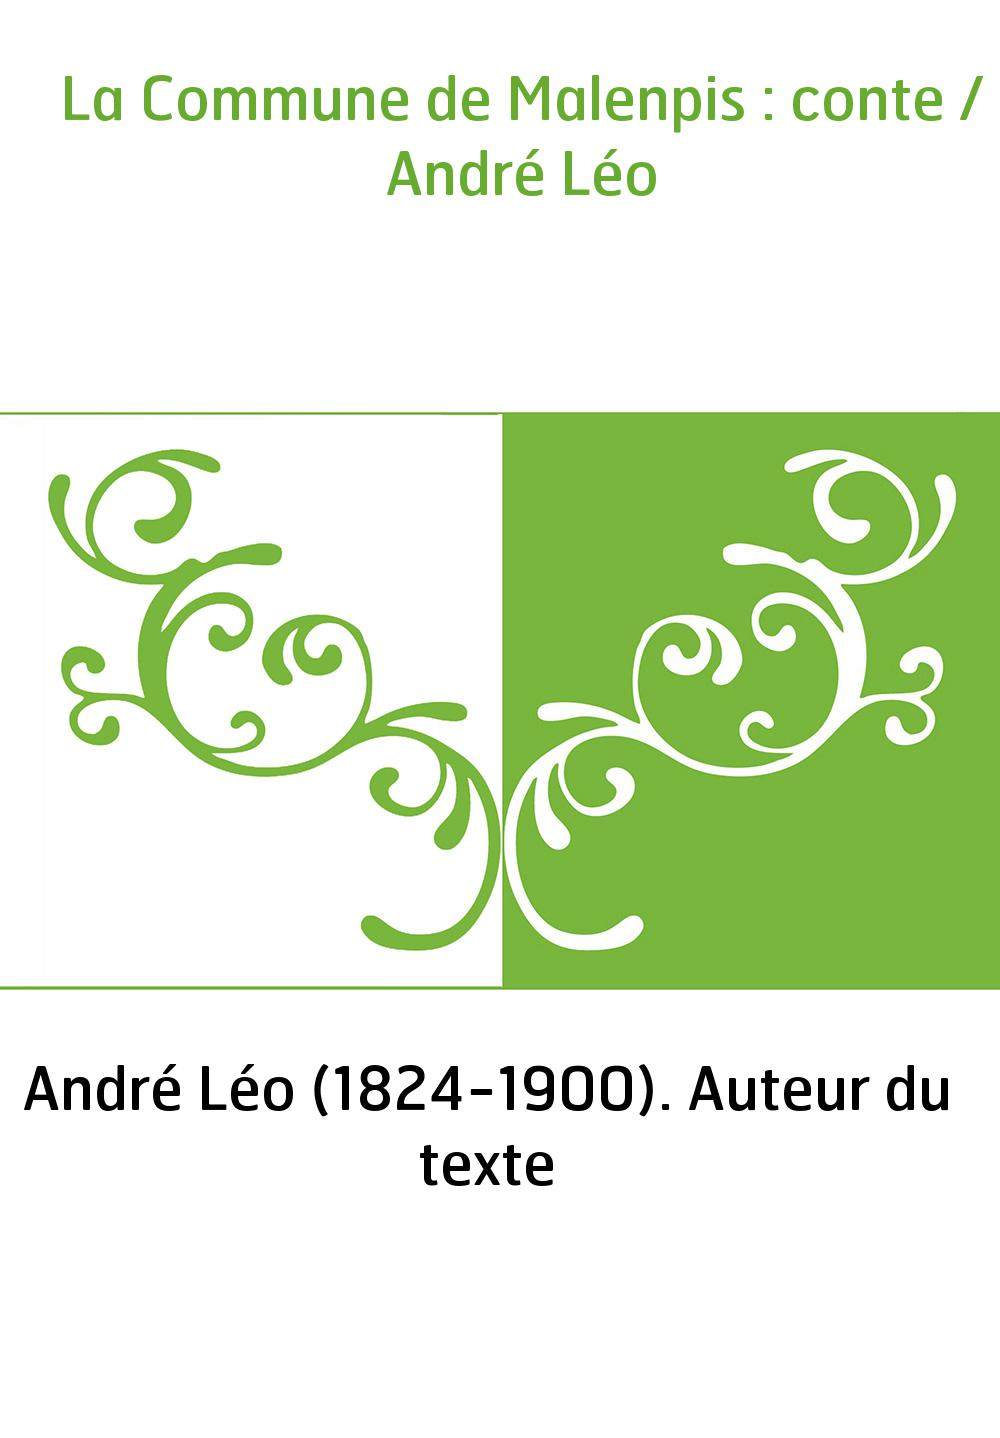 La Commune de Malenpis : conte / André Léo